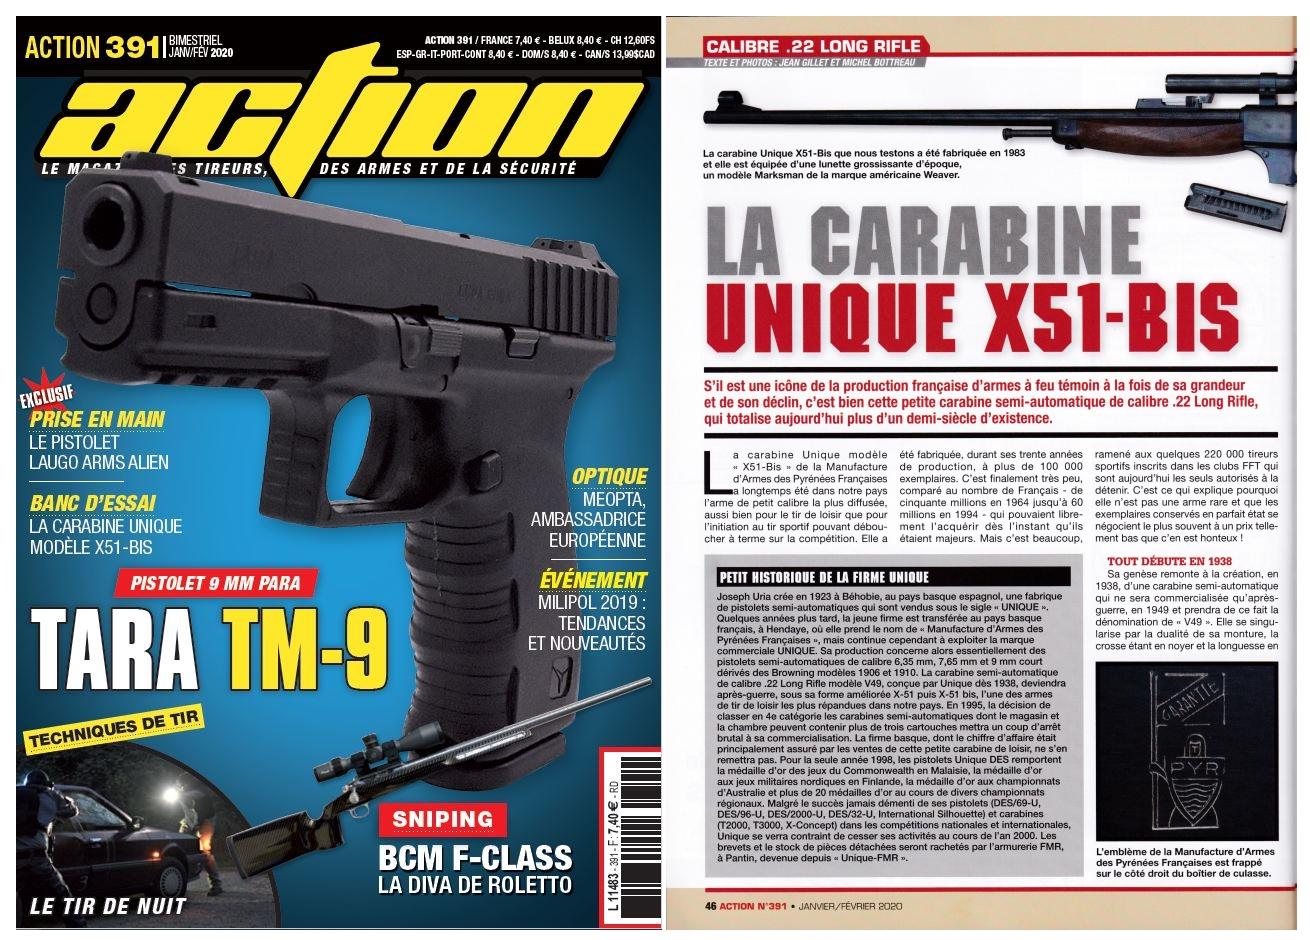 Le banc d'essai de la carabine Unique modèle X51-Bis a été publié sur 5 pages dans le magazine Action n°391 (janvier-février 2020).